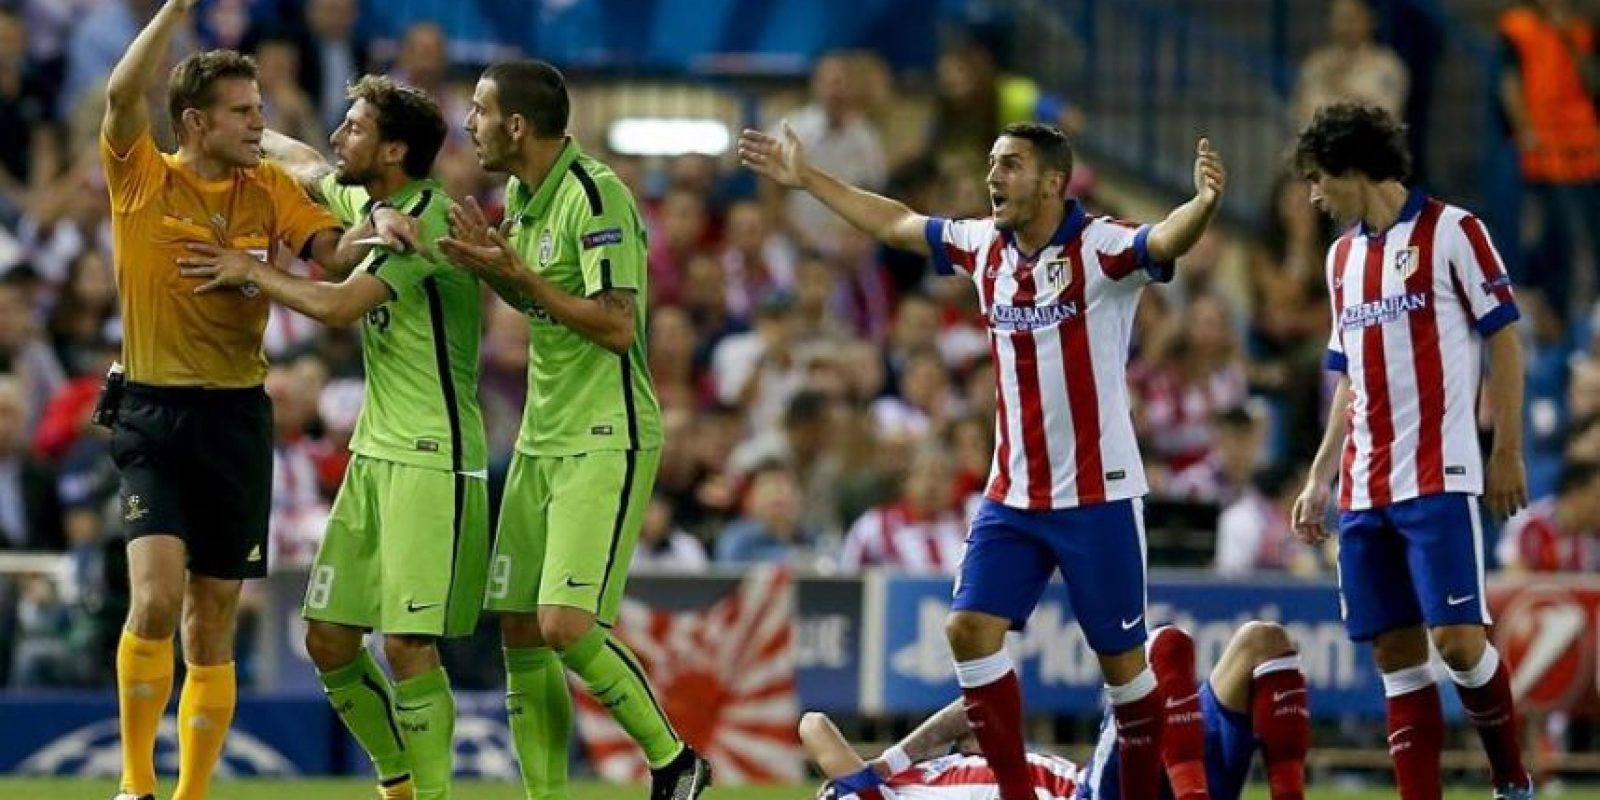 El árbitro Félix Brych saca cartulina amarilla a Leonardo Bonucci (3i), de la Juventus, durante el partido de la segunda jornada de la fase de grupos de la Liga de Campeones en el estadio Vicente Calderón, en Madrid. EFE